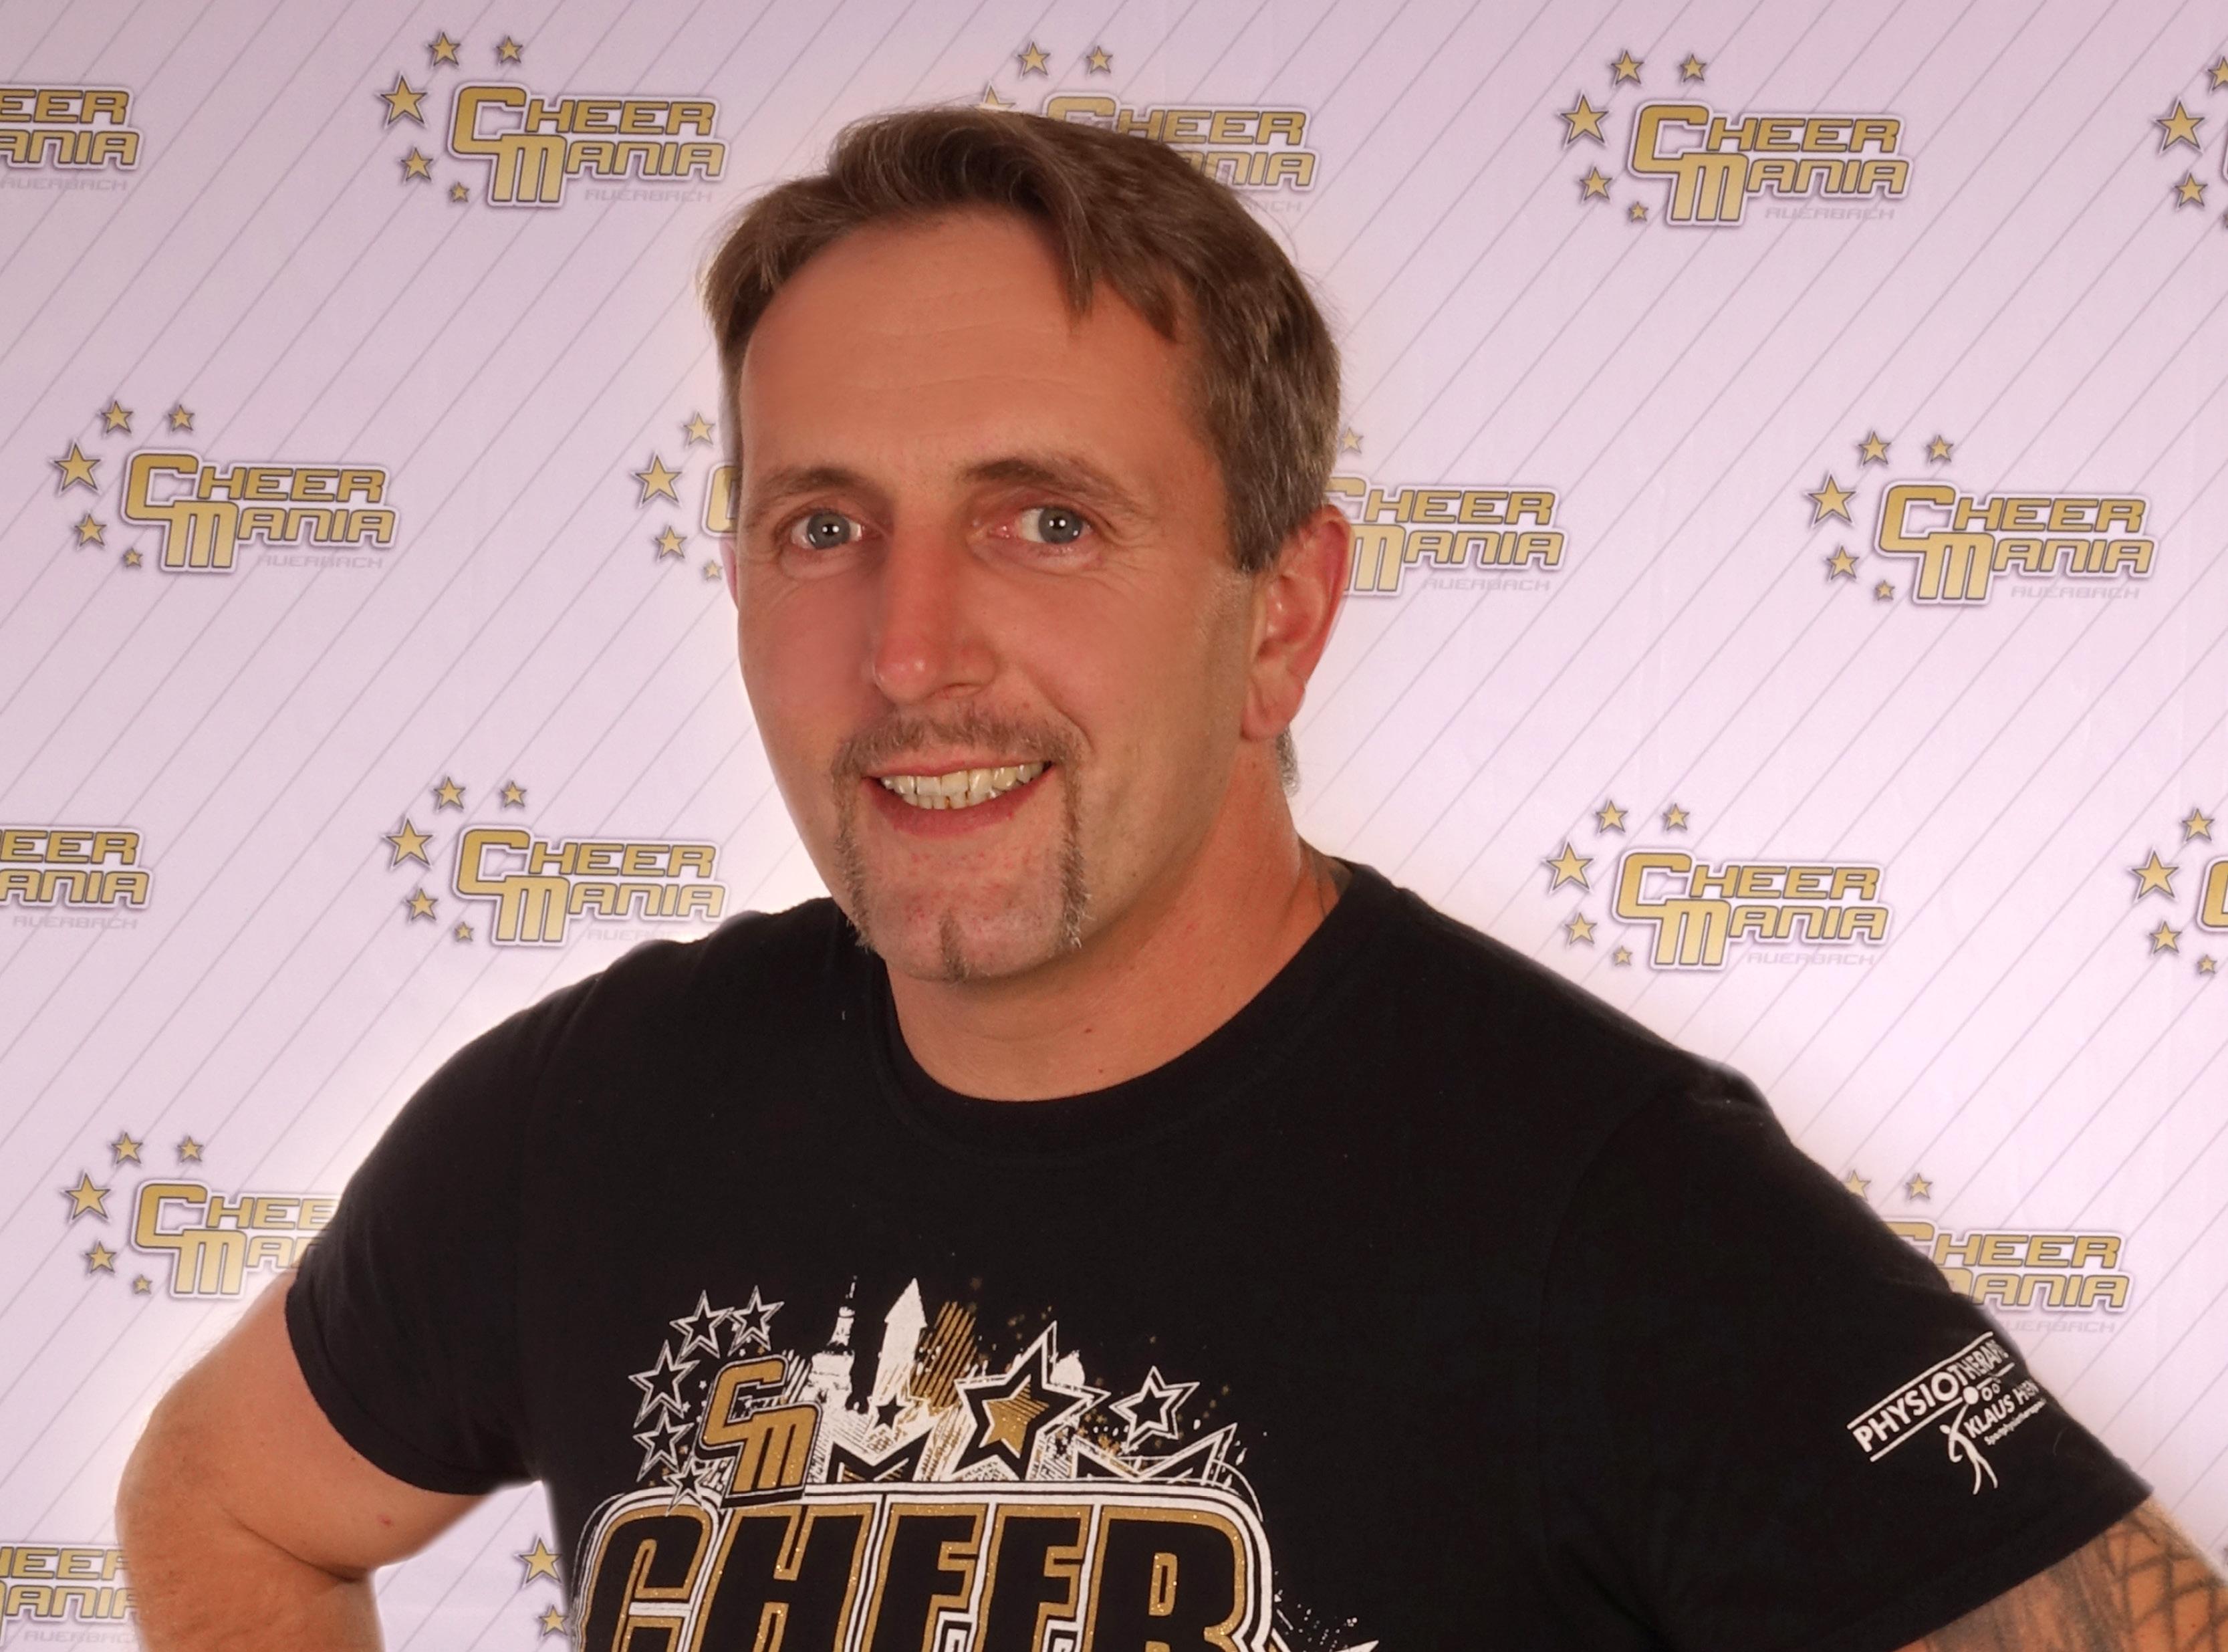 Stefan Meinel